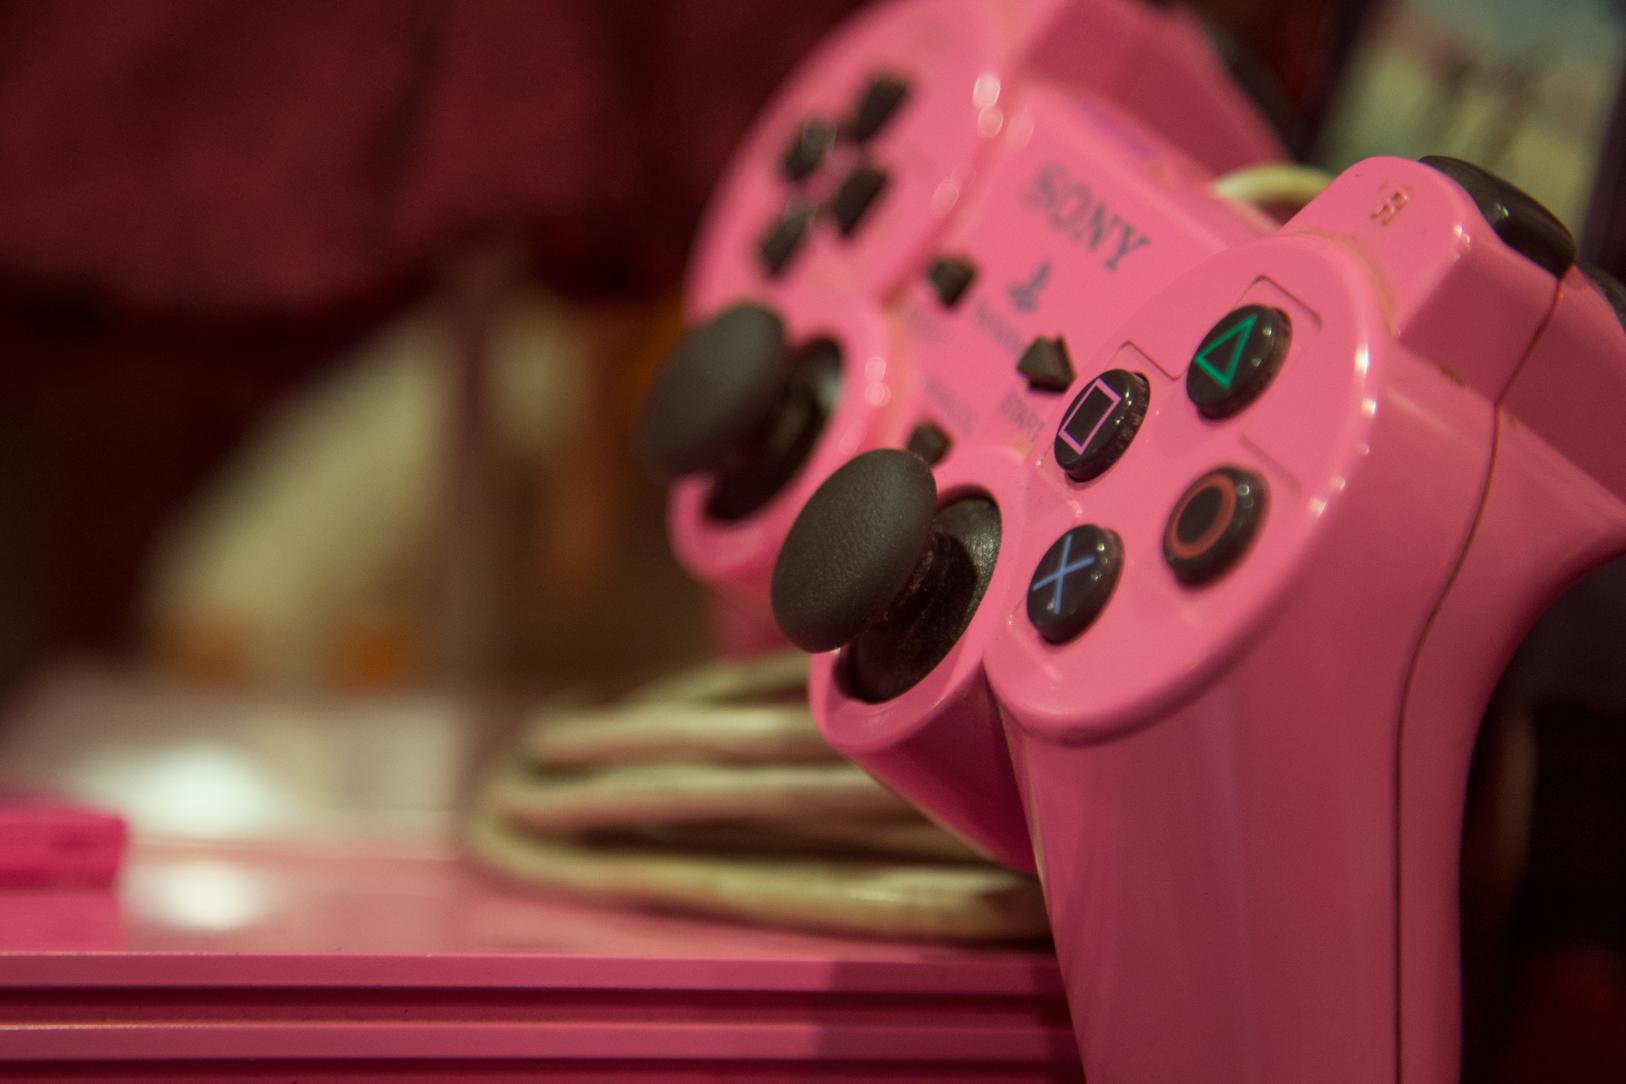 Να μην ξεχνάμε βεβαίως και τις κοπέλες - gamer: Pink Playstation